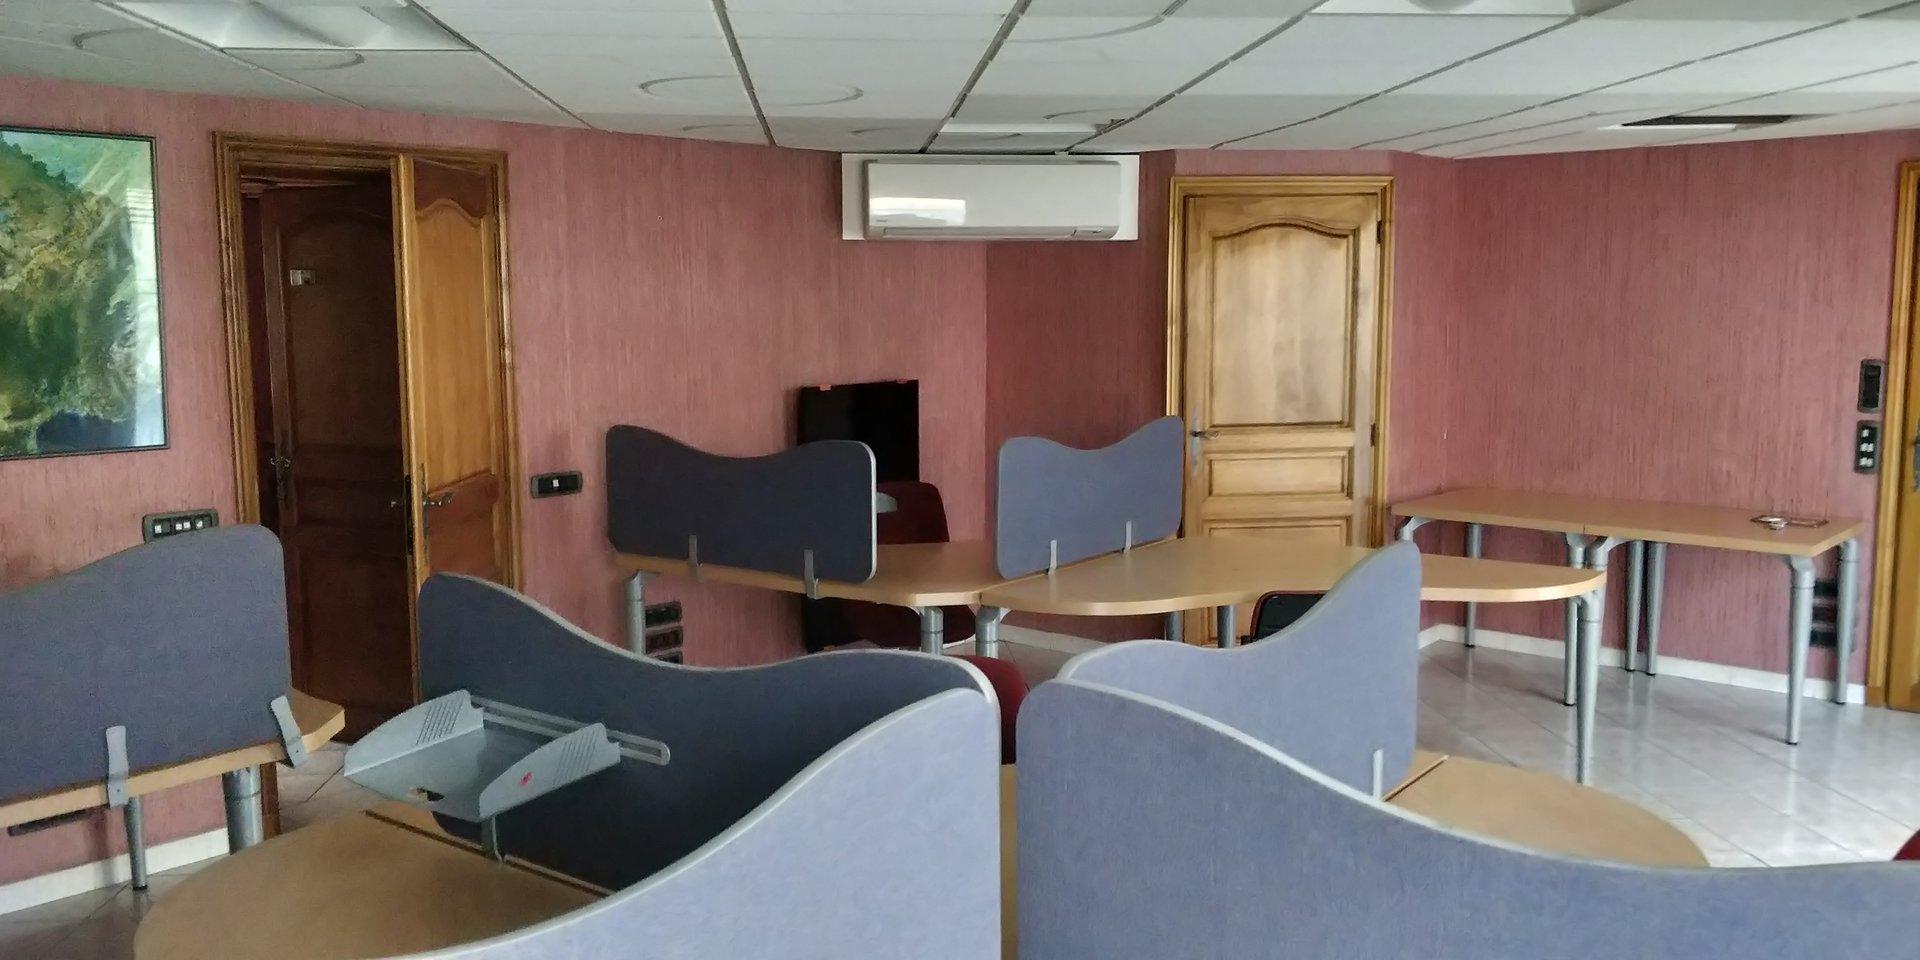 Vente Bureau - Villeurbanne